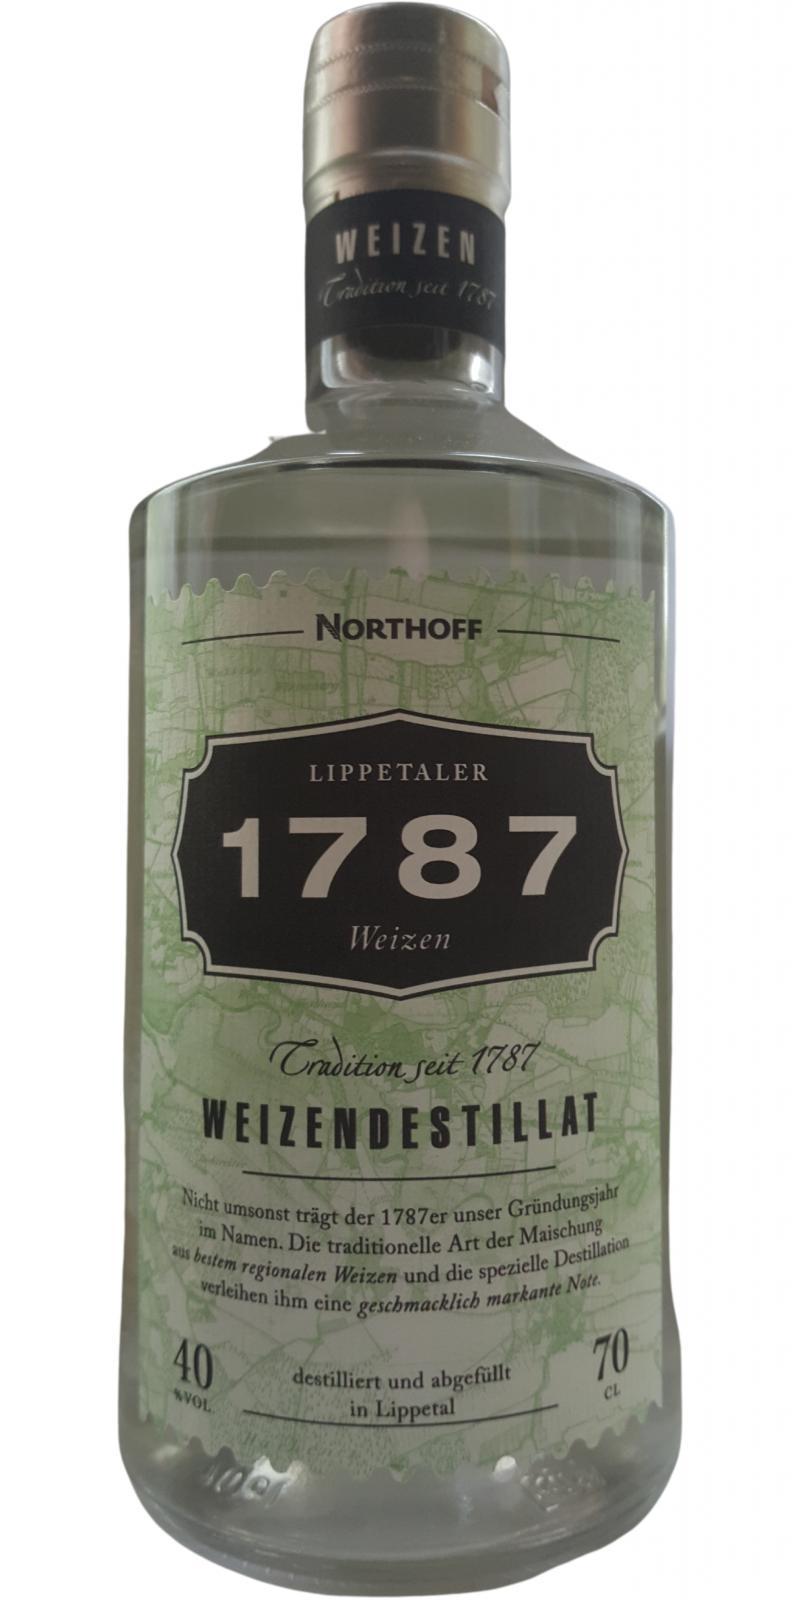 1787 Weizendestillat